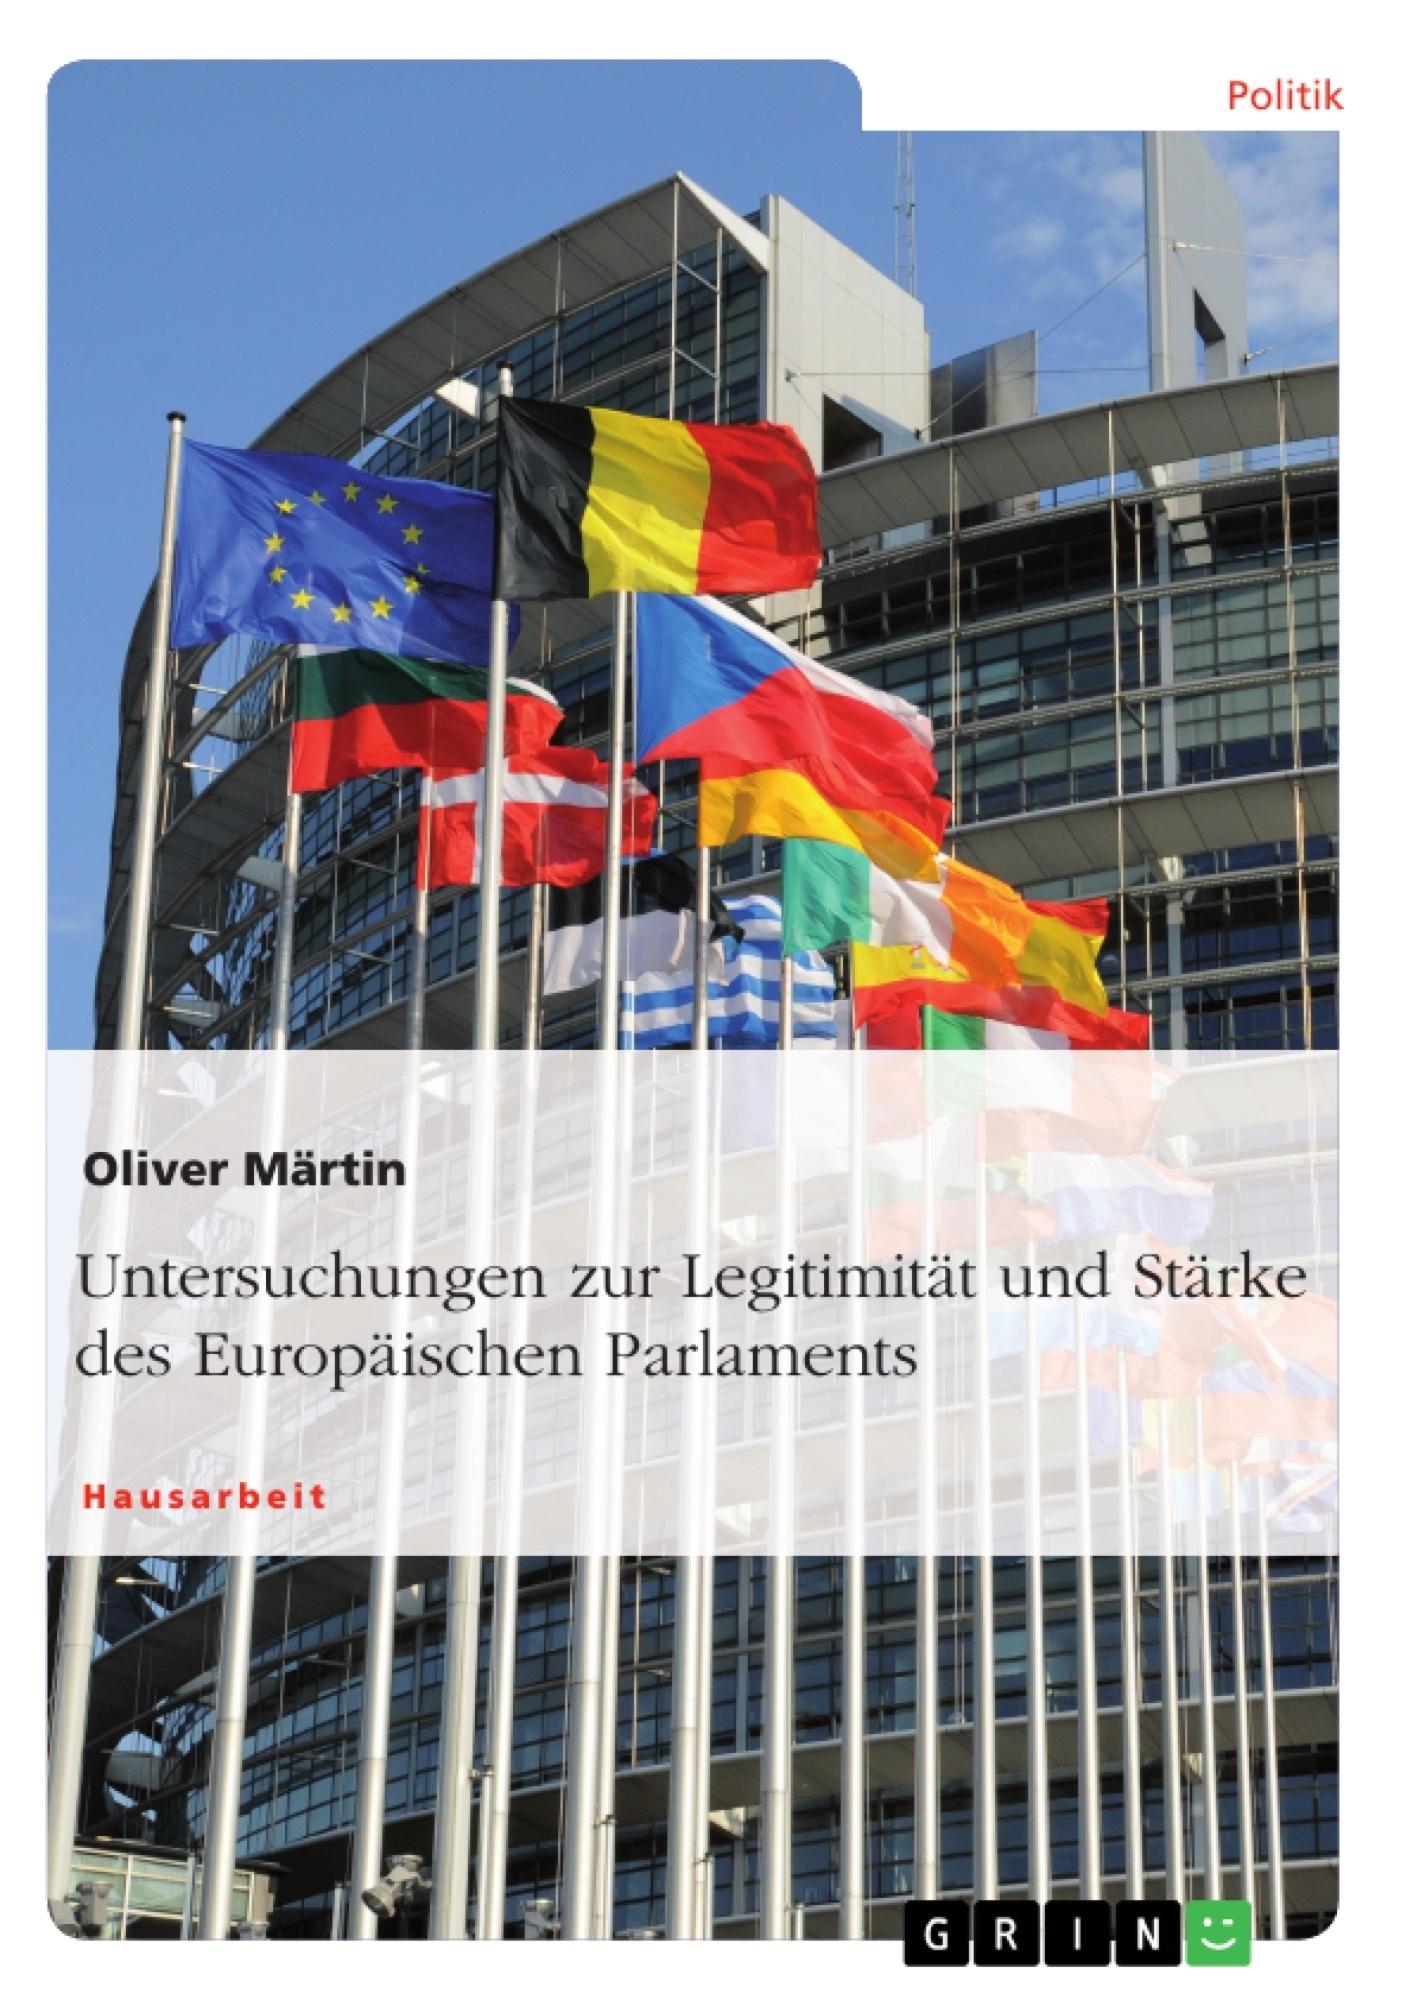 Titel: Untersuchungen zur Legitimität und Stärke des Europäischen Parlaments